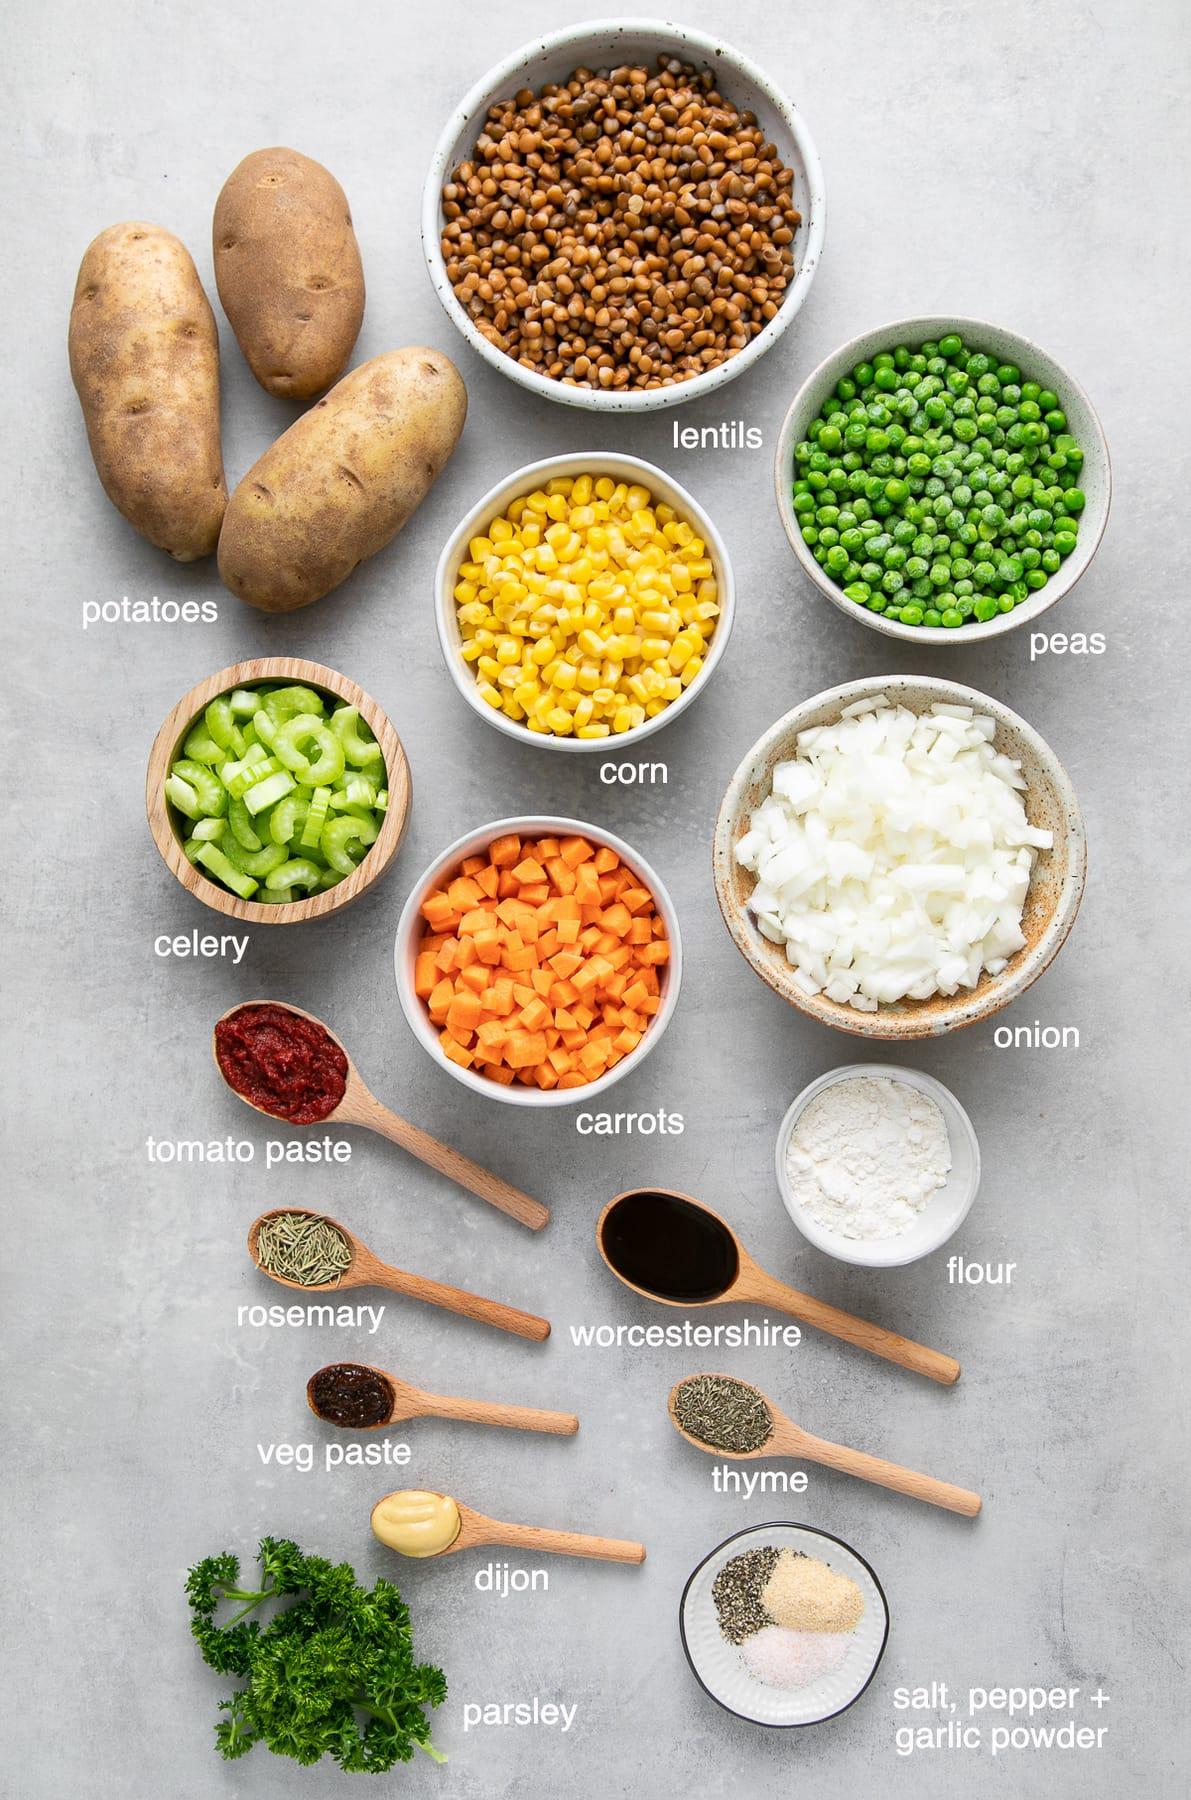 top down view of ingredients used to make vegan shepherd's pie recipe.